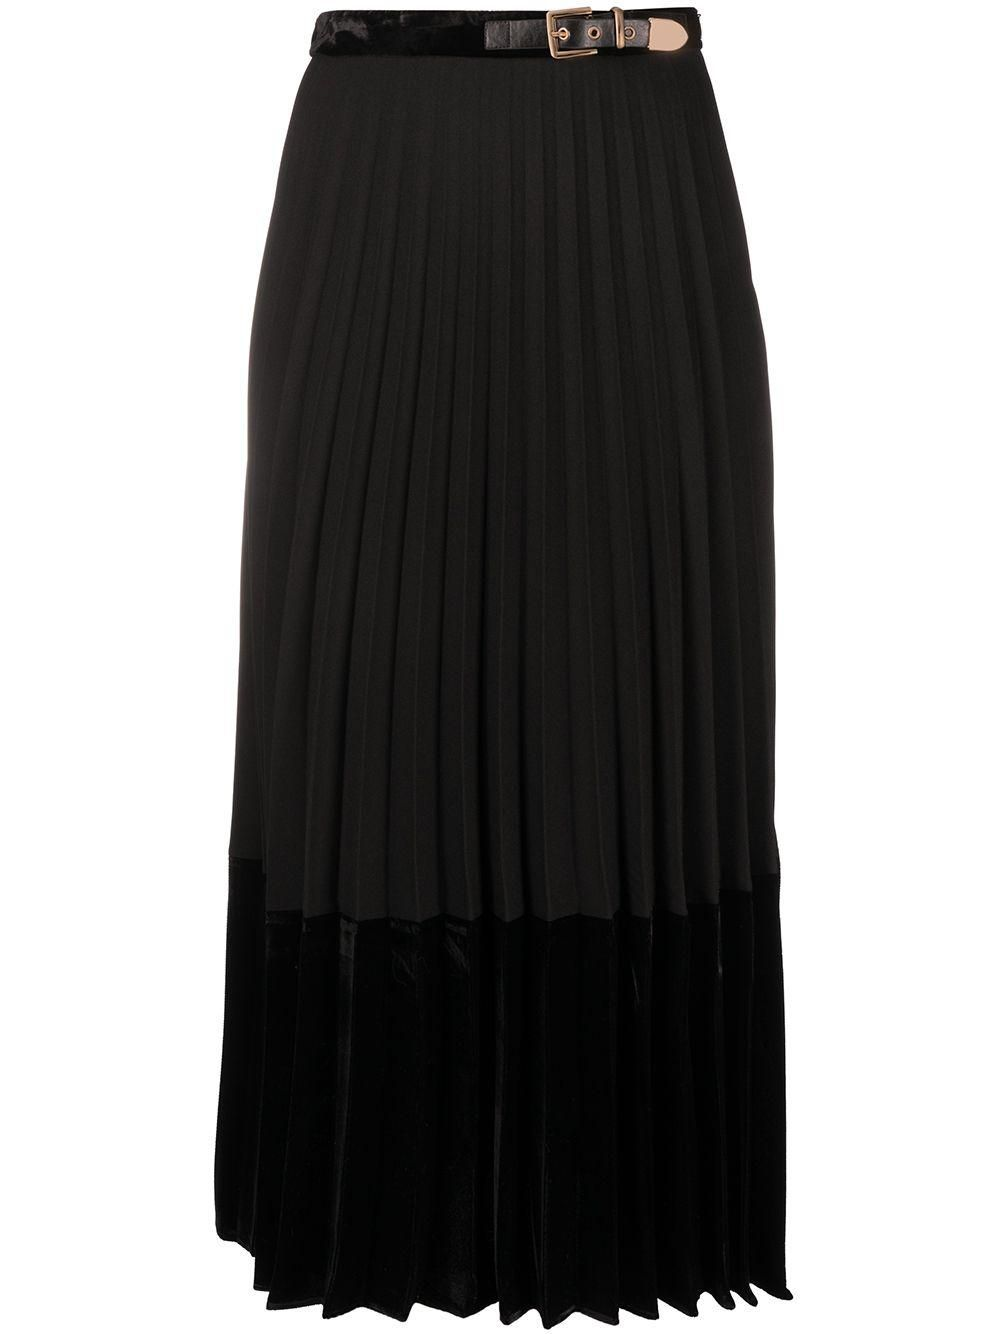 Velna Velvet Panelled Mid Length Skirt